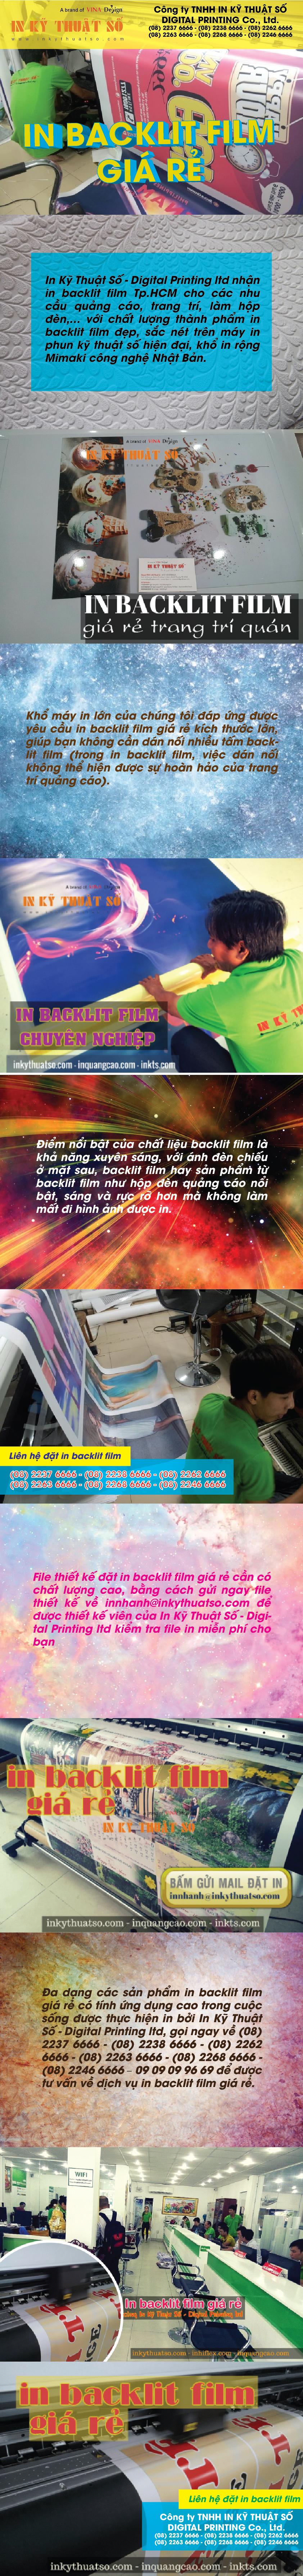 In backlit film giá rẻ In Kỹ Thuật Số - Digital Printing ltd nhận in backlit film Tp.HCM cho các nhu cầu quảng cáo, trang trí, làm hộp đèn,… với chất lượng thành phẩm in backlit film đẹp, sắc nét trên máy in phun kỹ thuật số hiện đại, khổ in rộng Mimaki công nghệ Nhật Bản. ---------------- Xem thêm http://inkythuatso.com/in-backlist-film-gia-re-cach-thiet-ke-mot-phong-nen-backlist-film-bong-bay-858.html https://0909099669.muabannhanh.com/